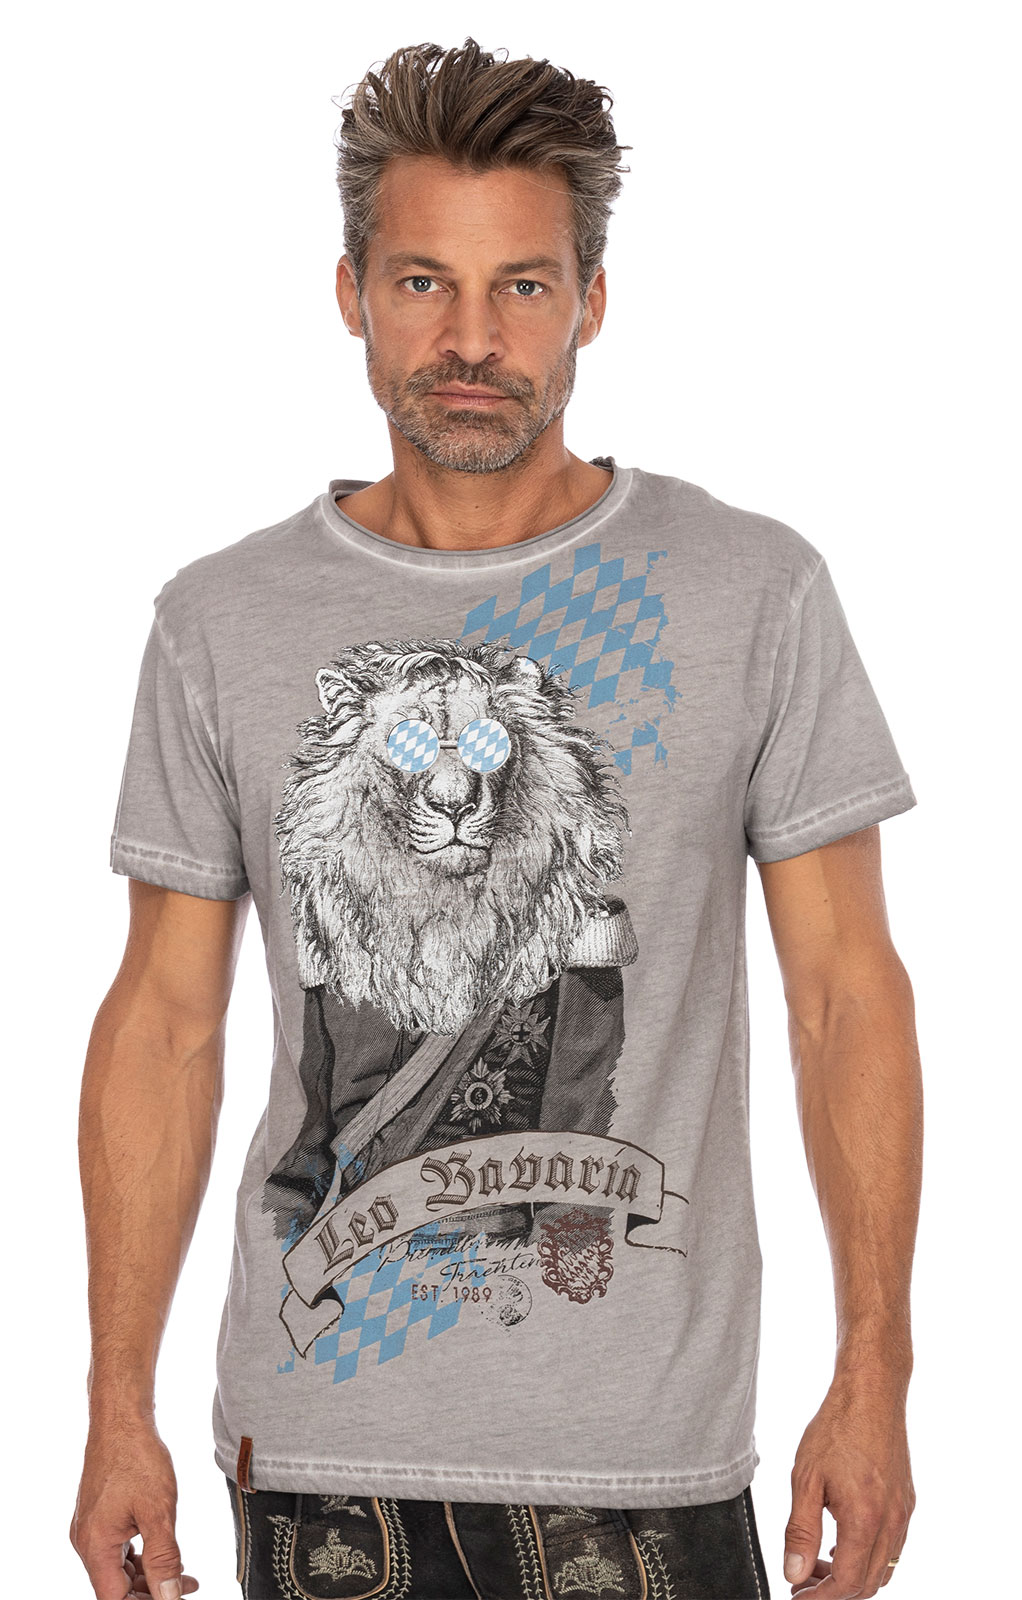 Maglietta Trachten G15 - LEO BAVARIA grigio von Marjo